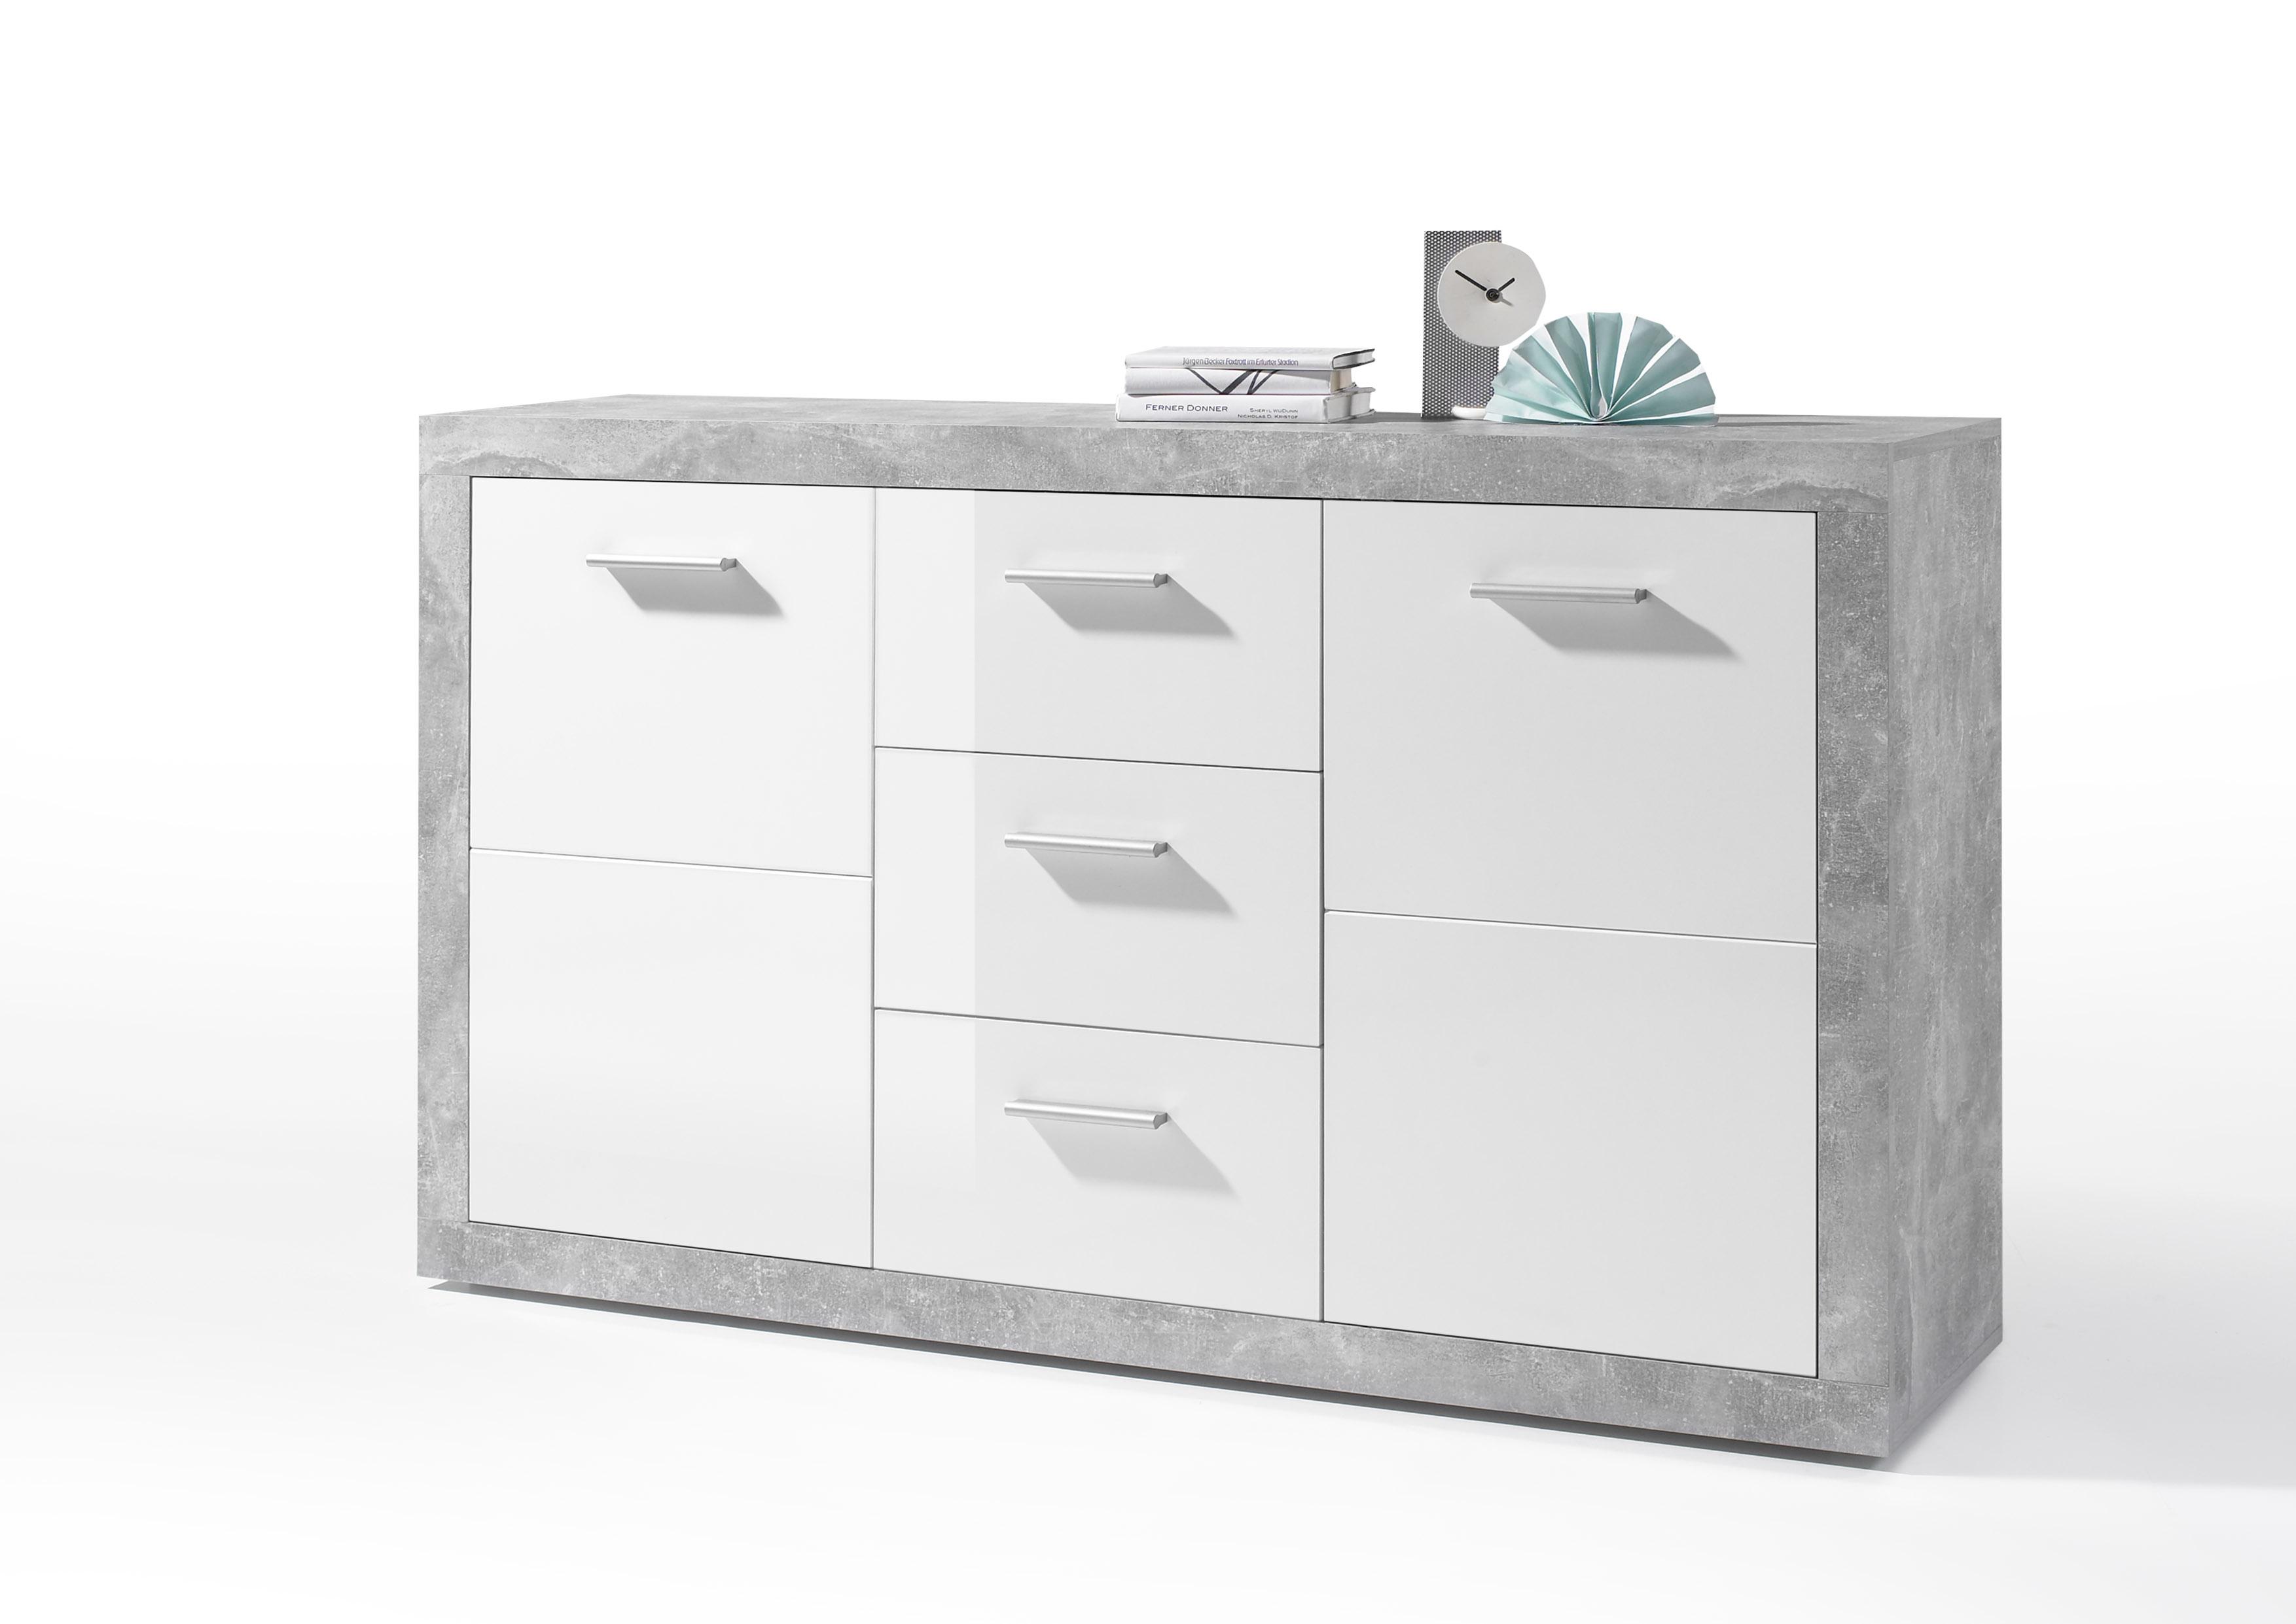 Details Zu Sideboard Kommode Stone Esszimmer Weiß Grau Beton 150cm